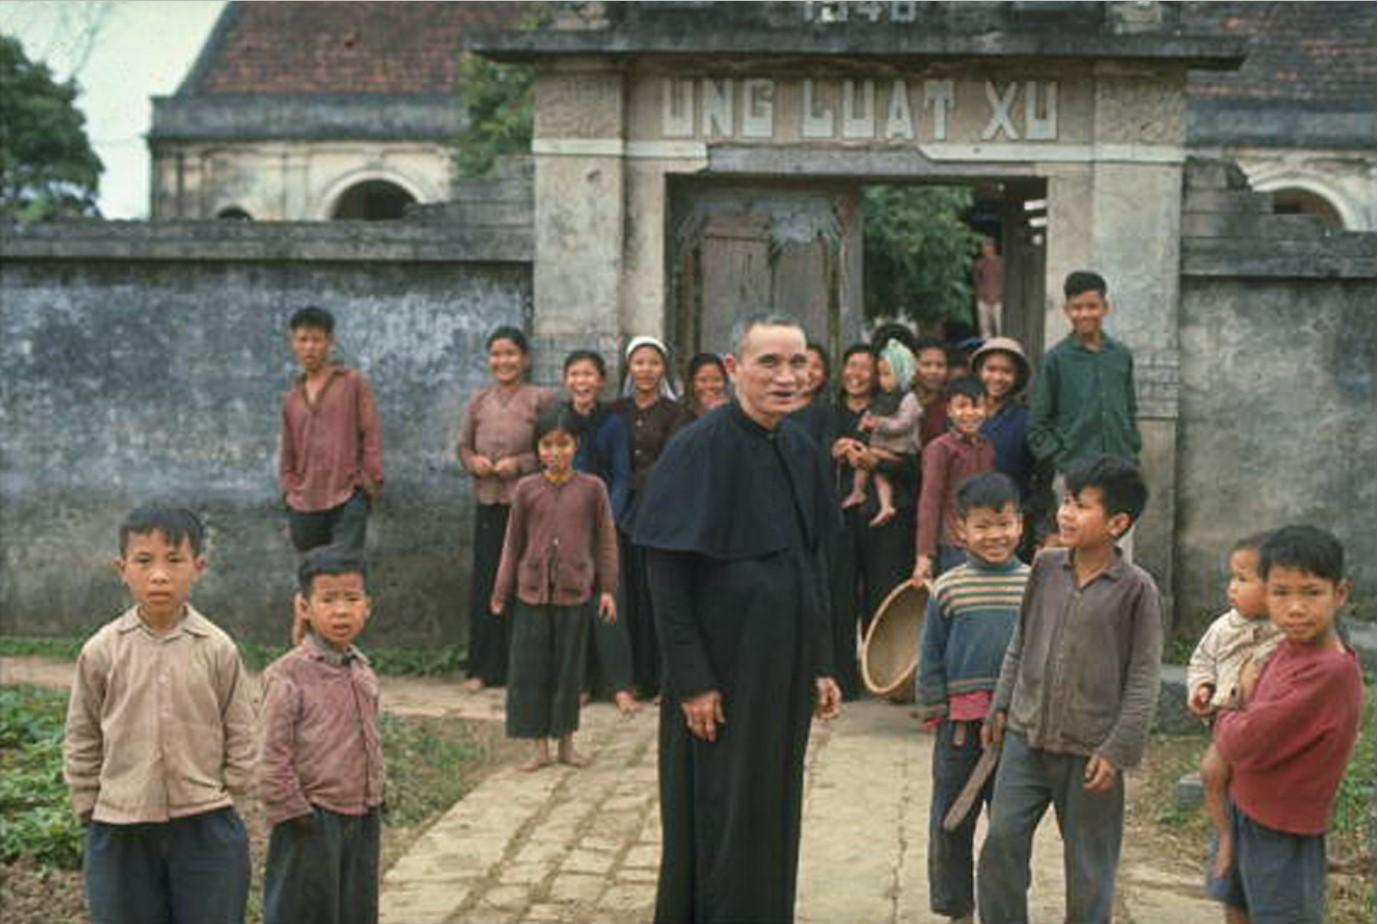 Католический священник и некоторые из его паствы у церковной ограды